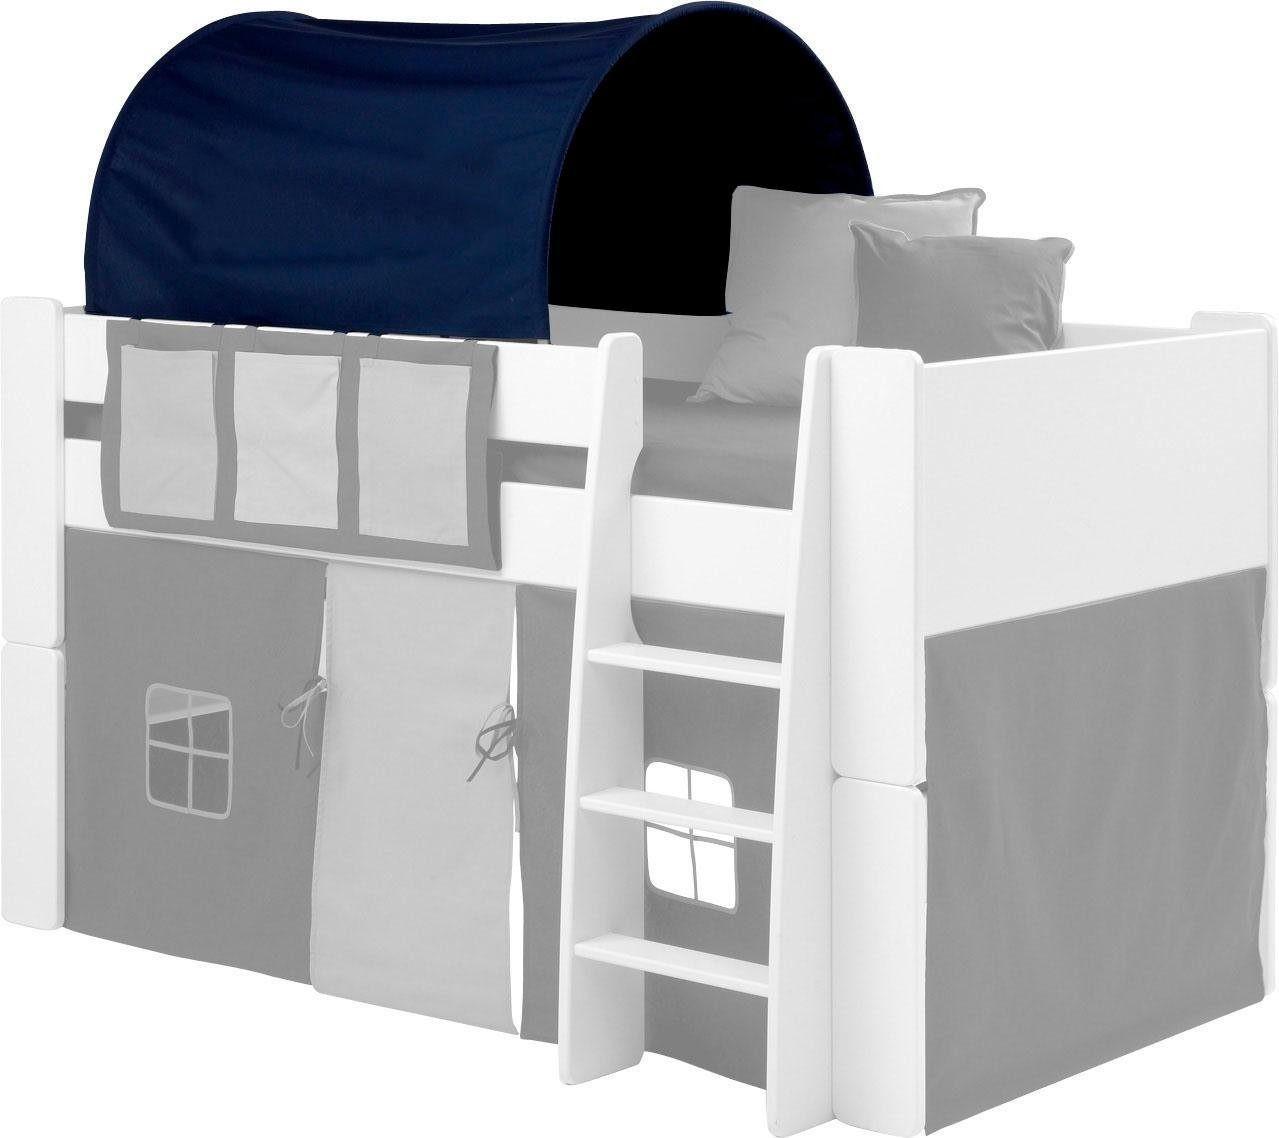 Dolphin Betttunnel für Kinderbett dunkelblau